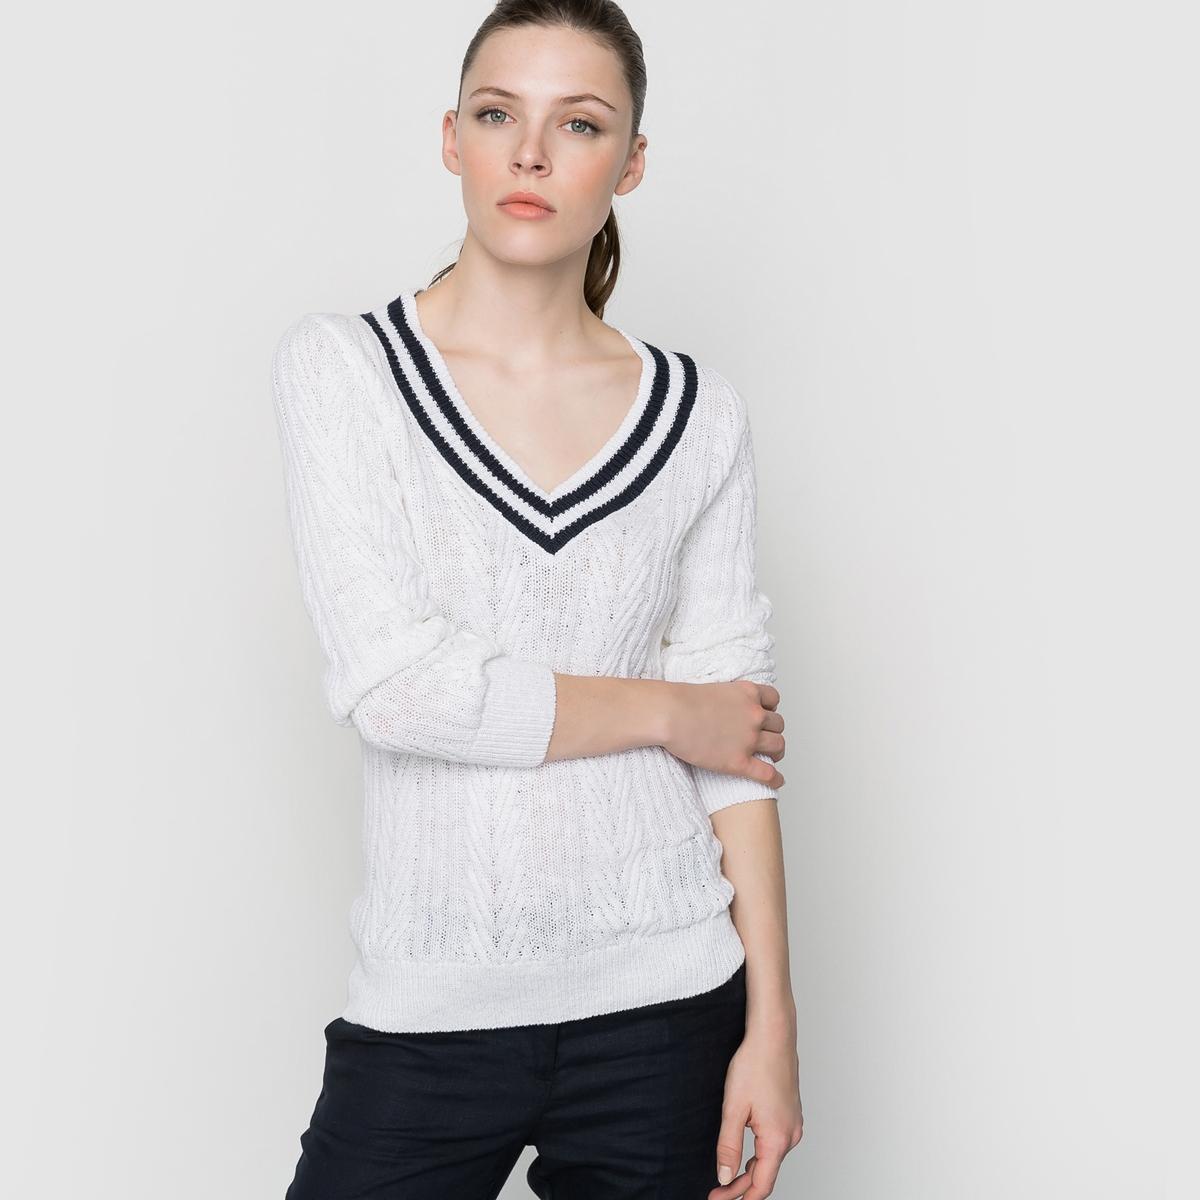 Пуловер с длинными рукавами и V-образным вырезомПуловер с длинными рукавами. Пуловер 55% льна, 45% хлопка. V-образный вырез. Трикотаж с витым узором.  Длина 60 см.<br><br>Цвет: экрю<br>Размер: 46/48 (FR) - 52/54 (RUS)